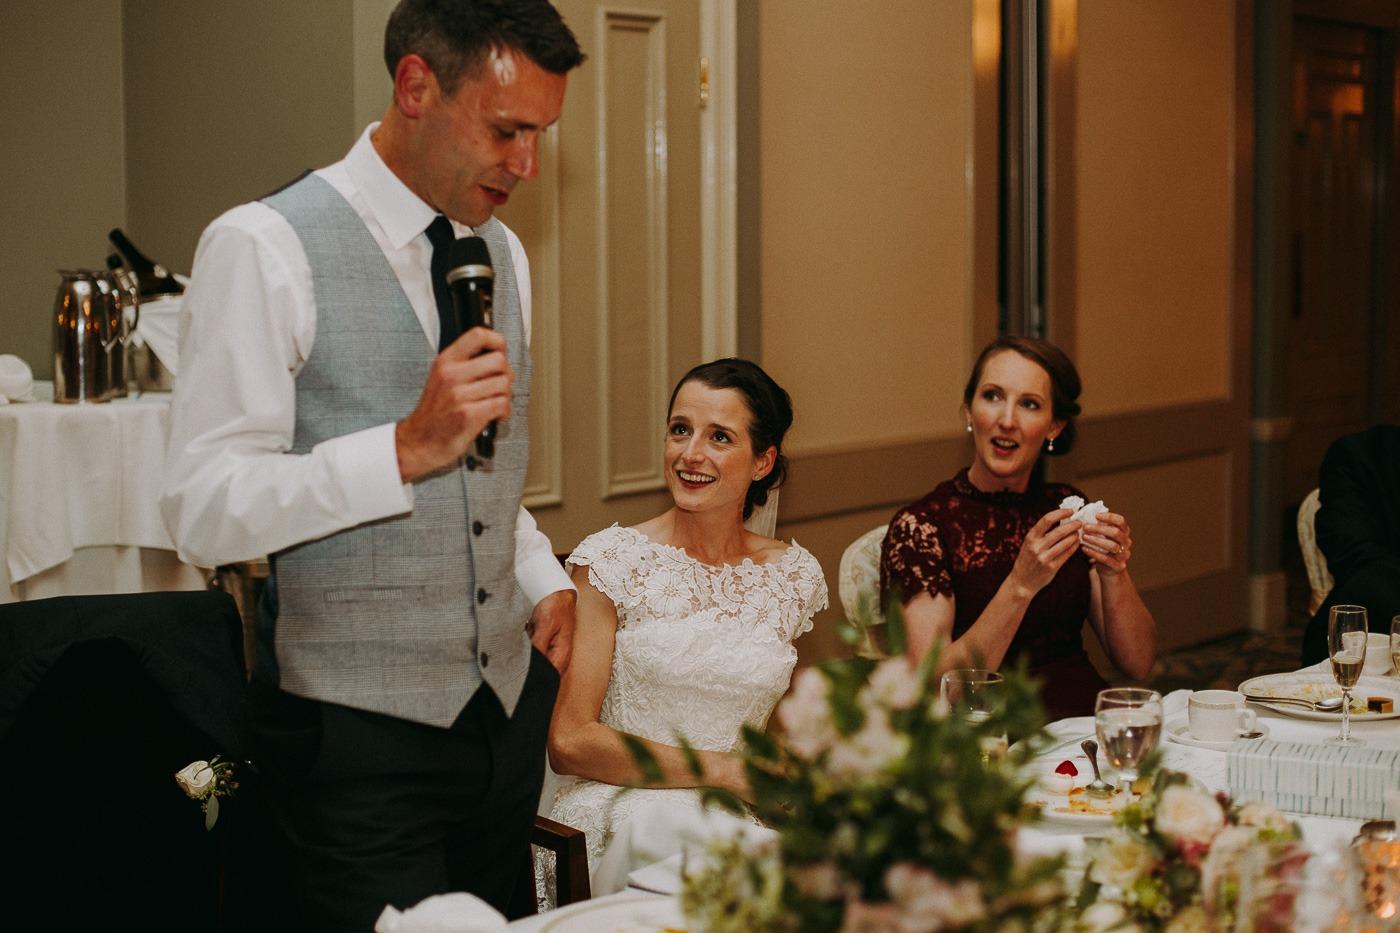 Leonora Kennedy et al. that are cutting a wedding cake